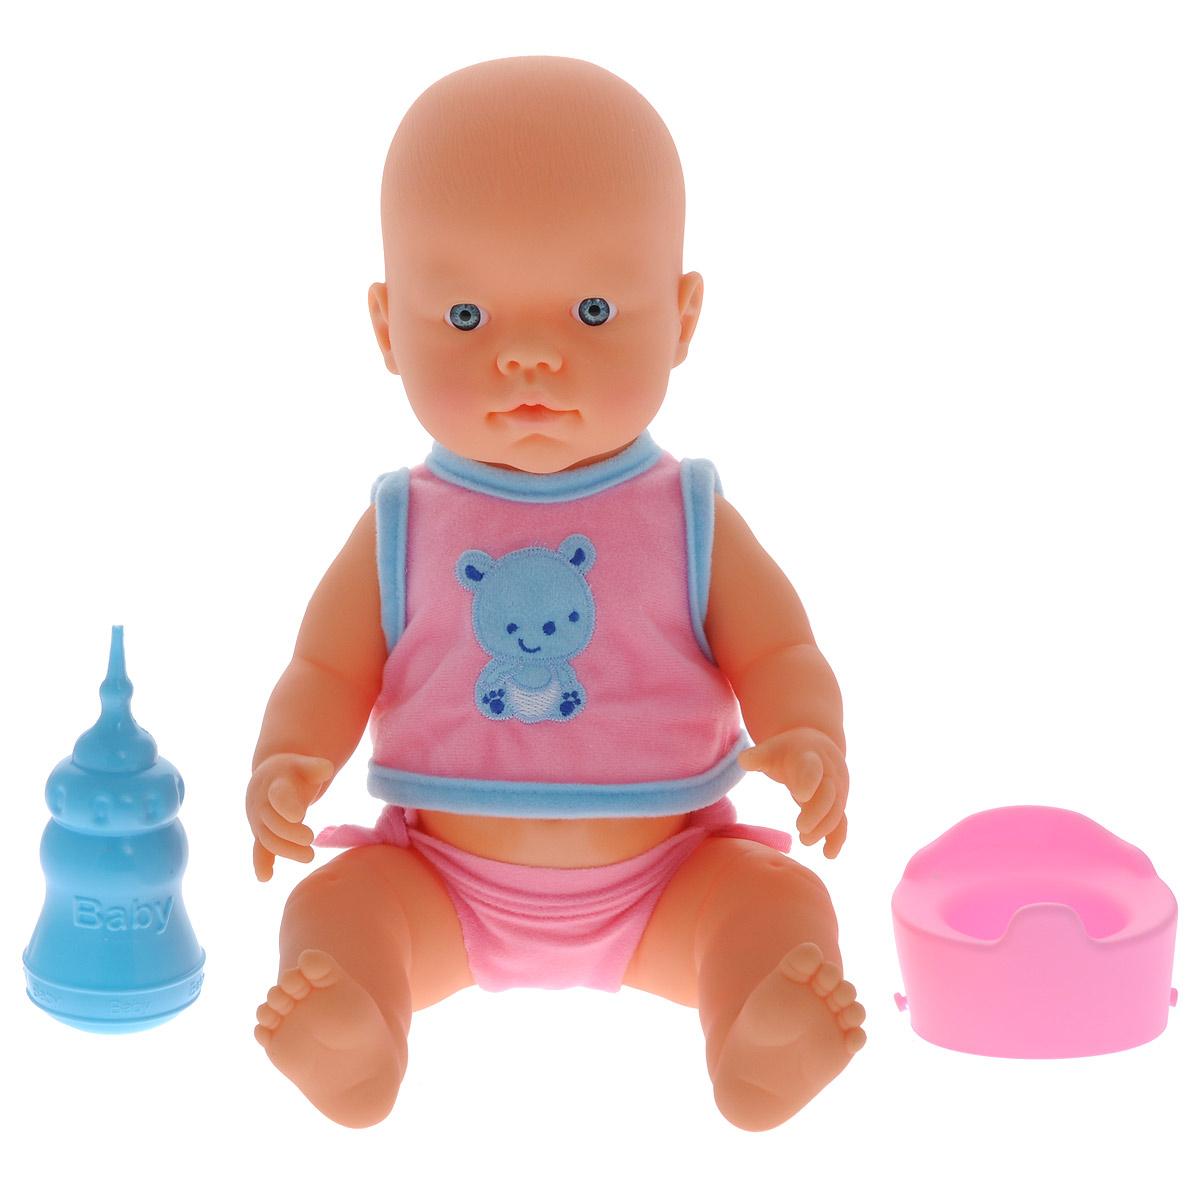 Кукла-пупс Falca Baby Pipi, с аксессуарами, цвет: голубой, розовый, 40 см39525/39007_роз_роз_горшокКукла-пупс Falca Baby Pipi порадует вашу малышку и доставит ей много удовольствия от часов, посвященных игре с ней. Кукла выглядит как настоящий малыш. Пупс одет в майку на липучке и трусики. В набор также входят бутылочка для кормления и горшок. Кукла не только пьет водичку из бутылочки, но и писает в горшок, чем еще более похожа на настоящего ребенка. После кормления и туалета пупса можно искупать. Игра с куклой разовьет в вашей малышке чувство ответственности и заботы. Порадуйте свою принцессу таким великолепным подарком!